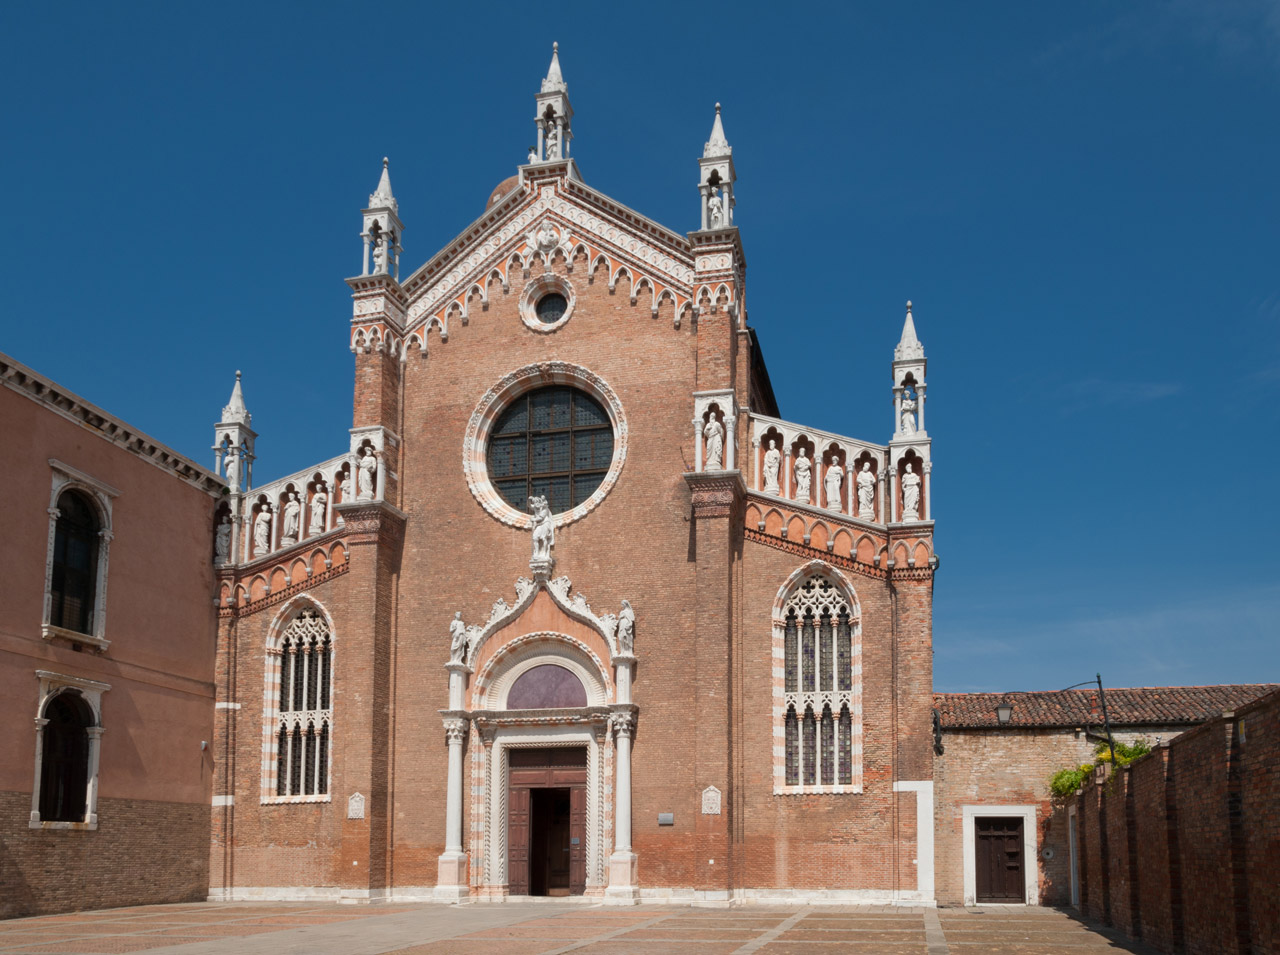 venice 2 days | Madonna dell'Orto Church